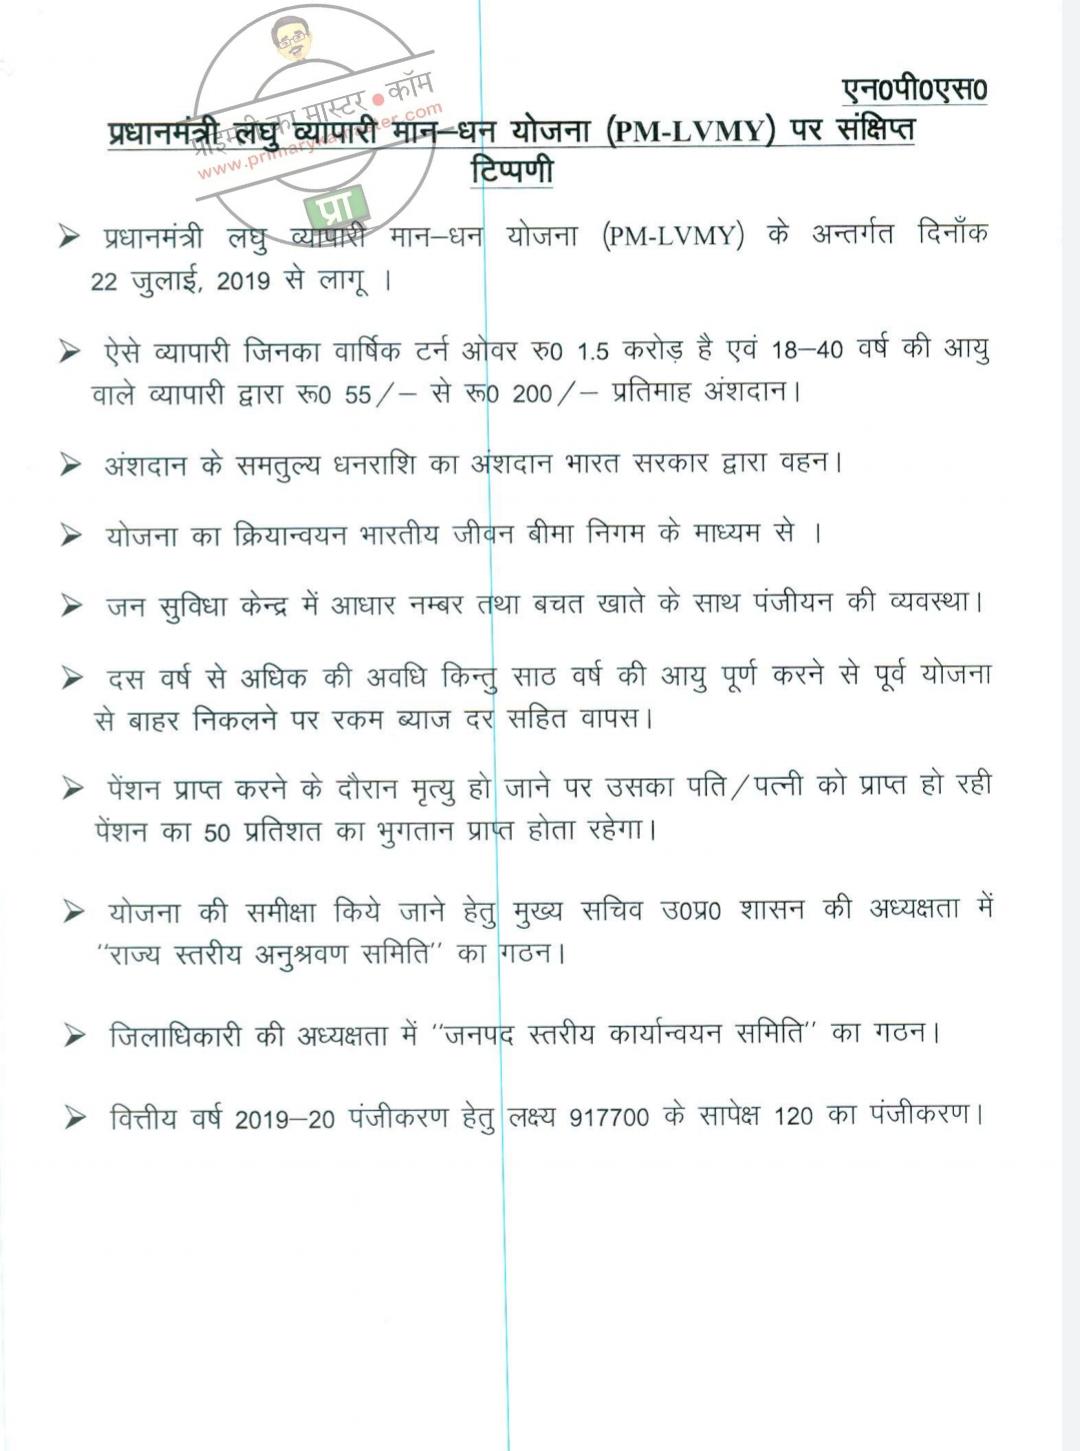 प्रधानमंत्री श्रम योगी मानधन योजना एवं नेशनल पेंशन योजना से पात्र लाभार्थियों को आच्छादित किये जाने के सम्बन्ध में -7